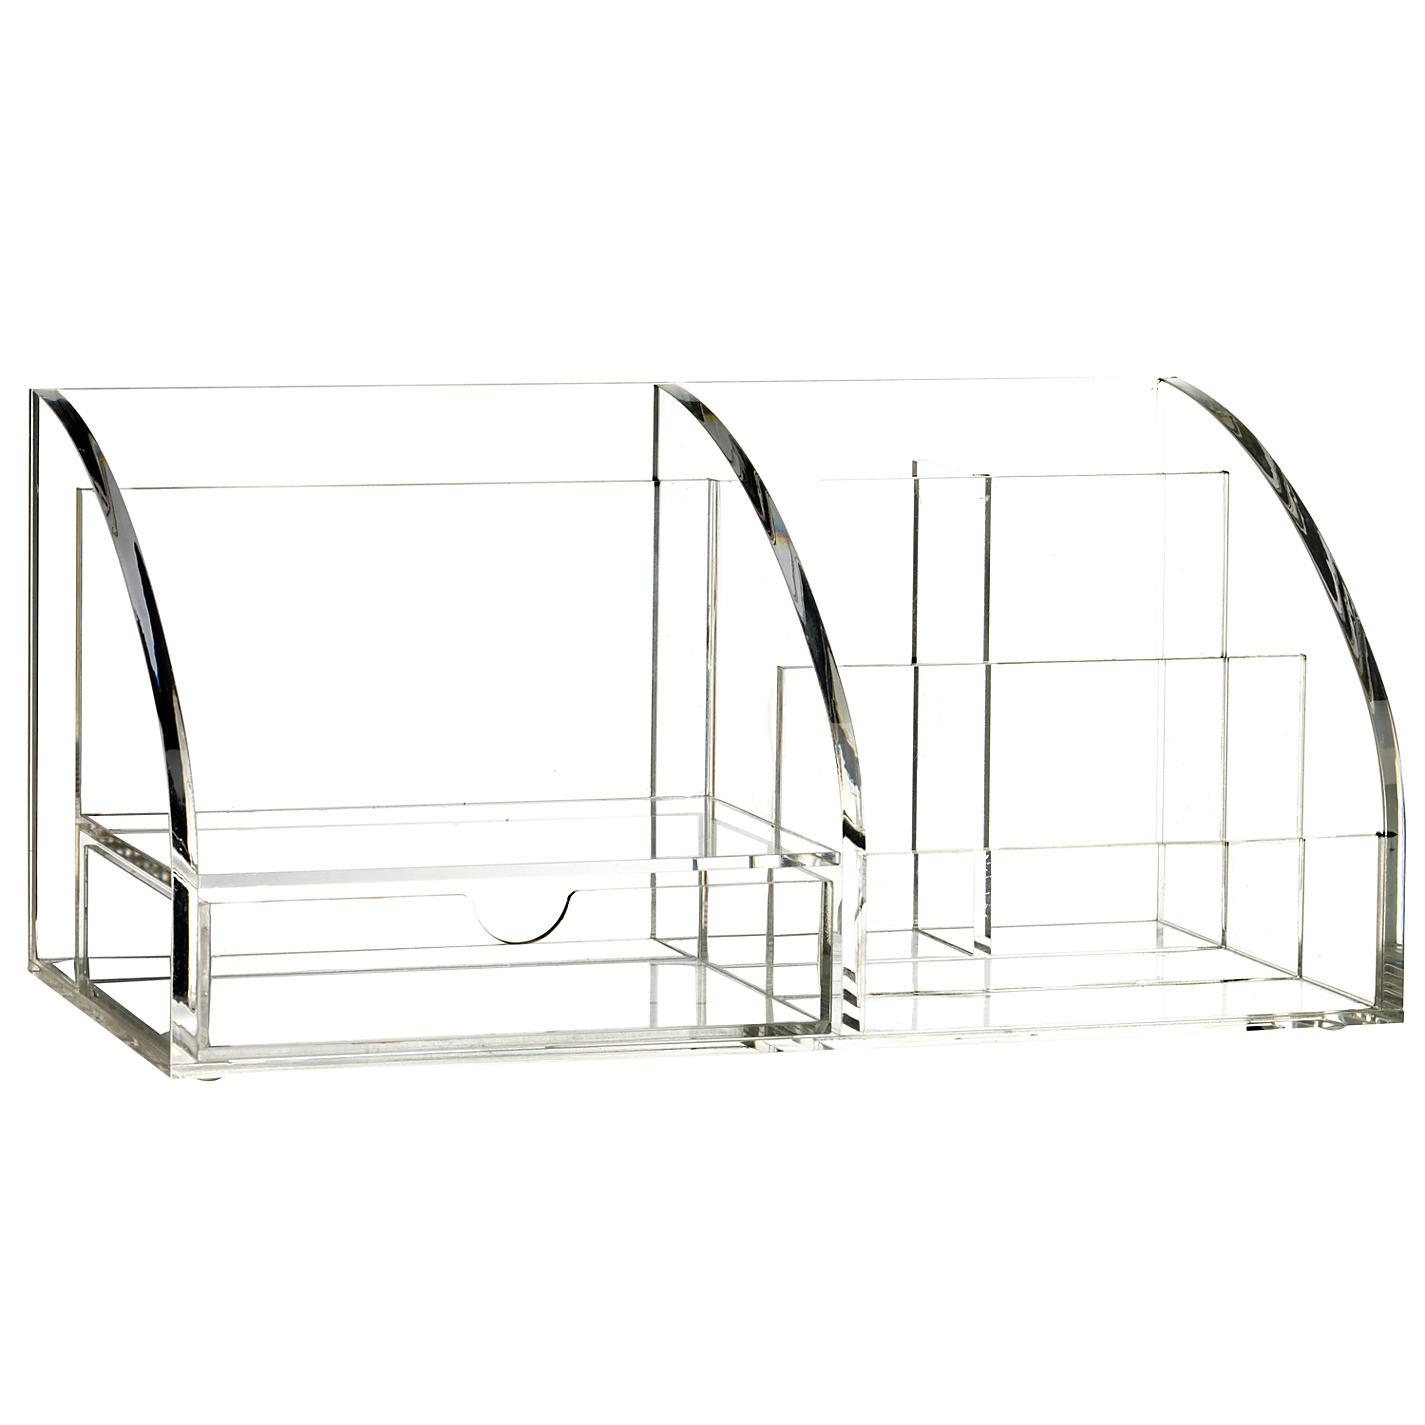 Acrylic Box John Lewis : Acrylic desk set images